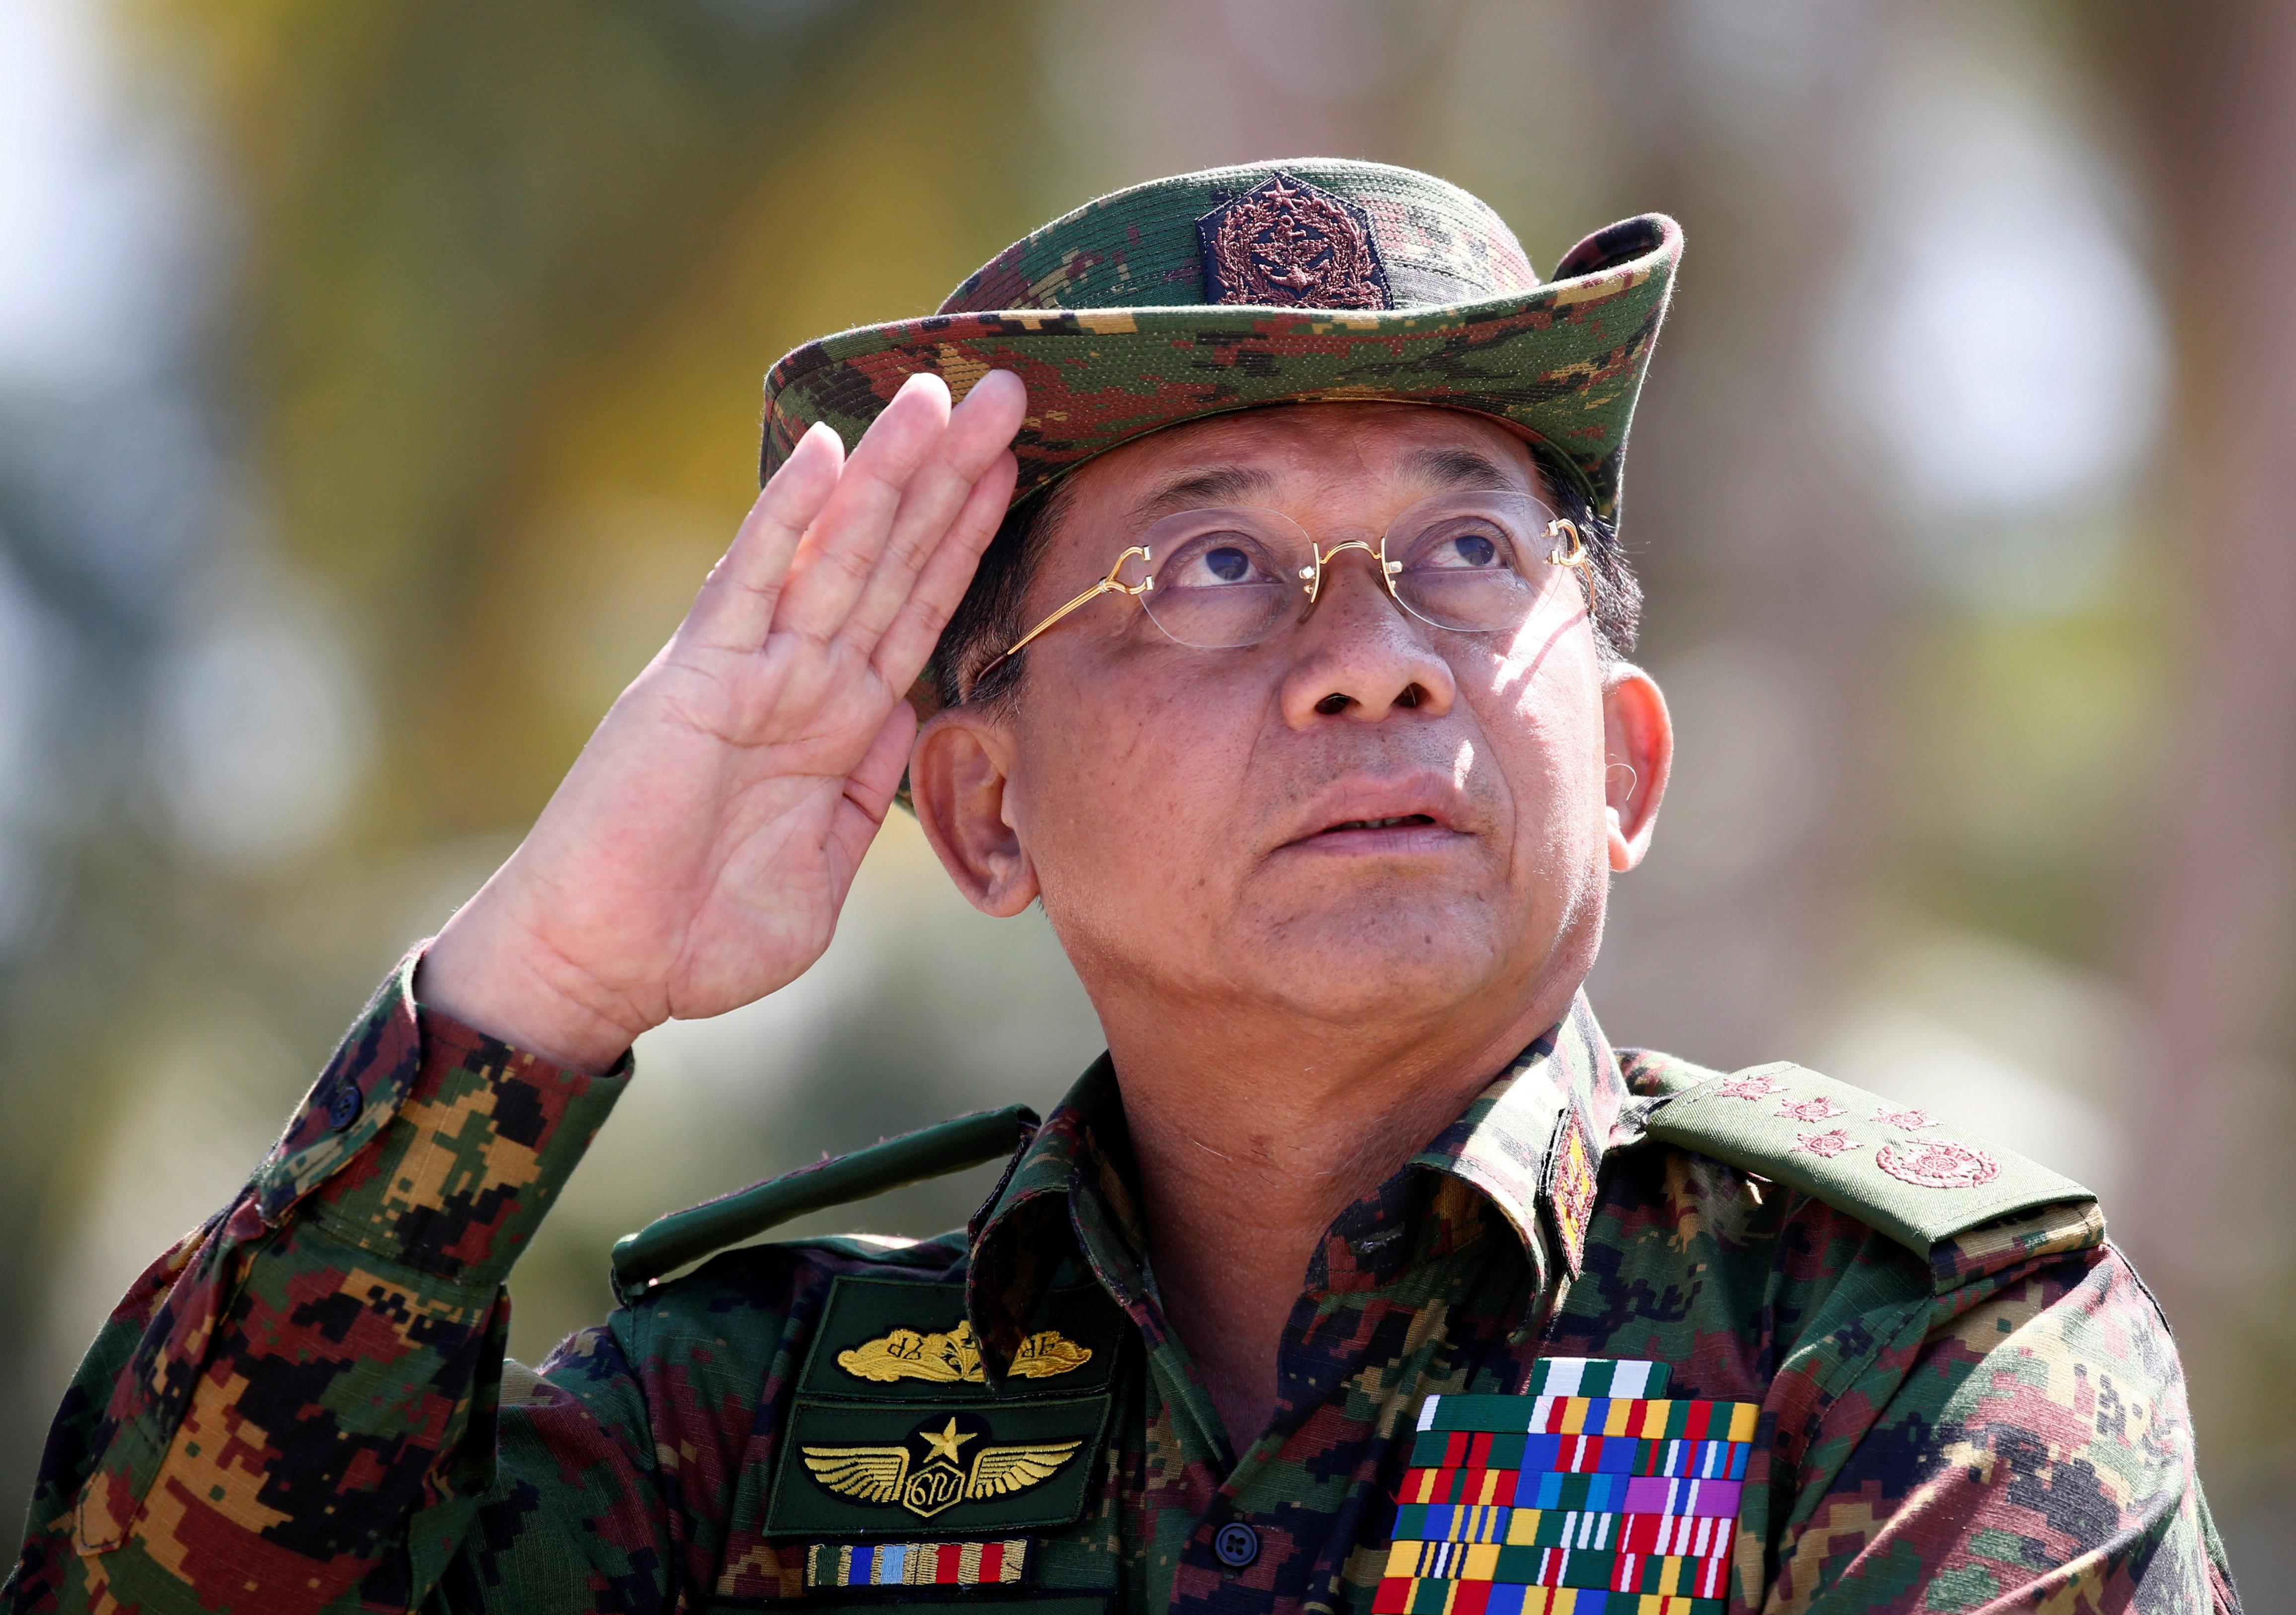 페이스북이 '로힝야족 인종청소' 미얀마 군부 계정을